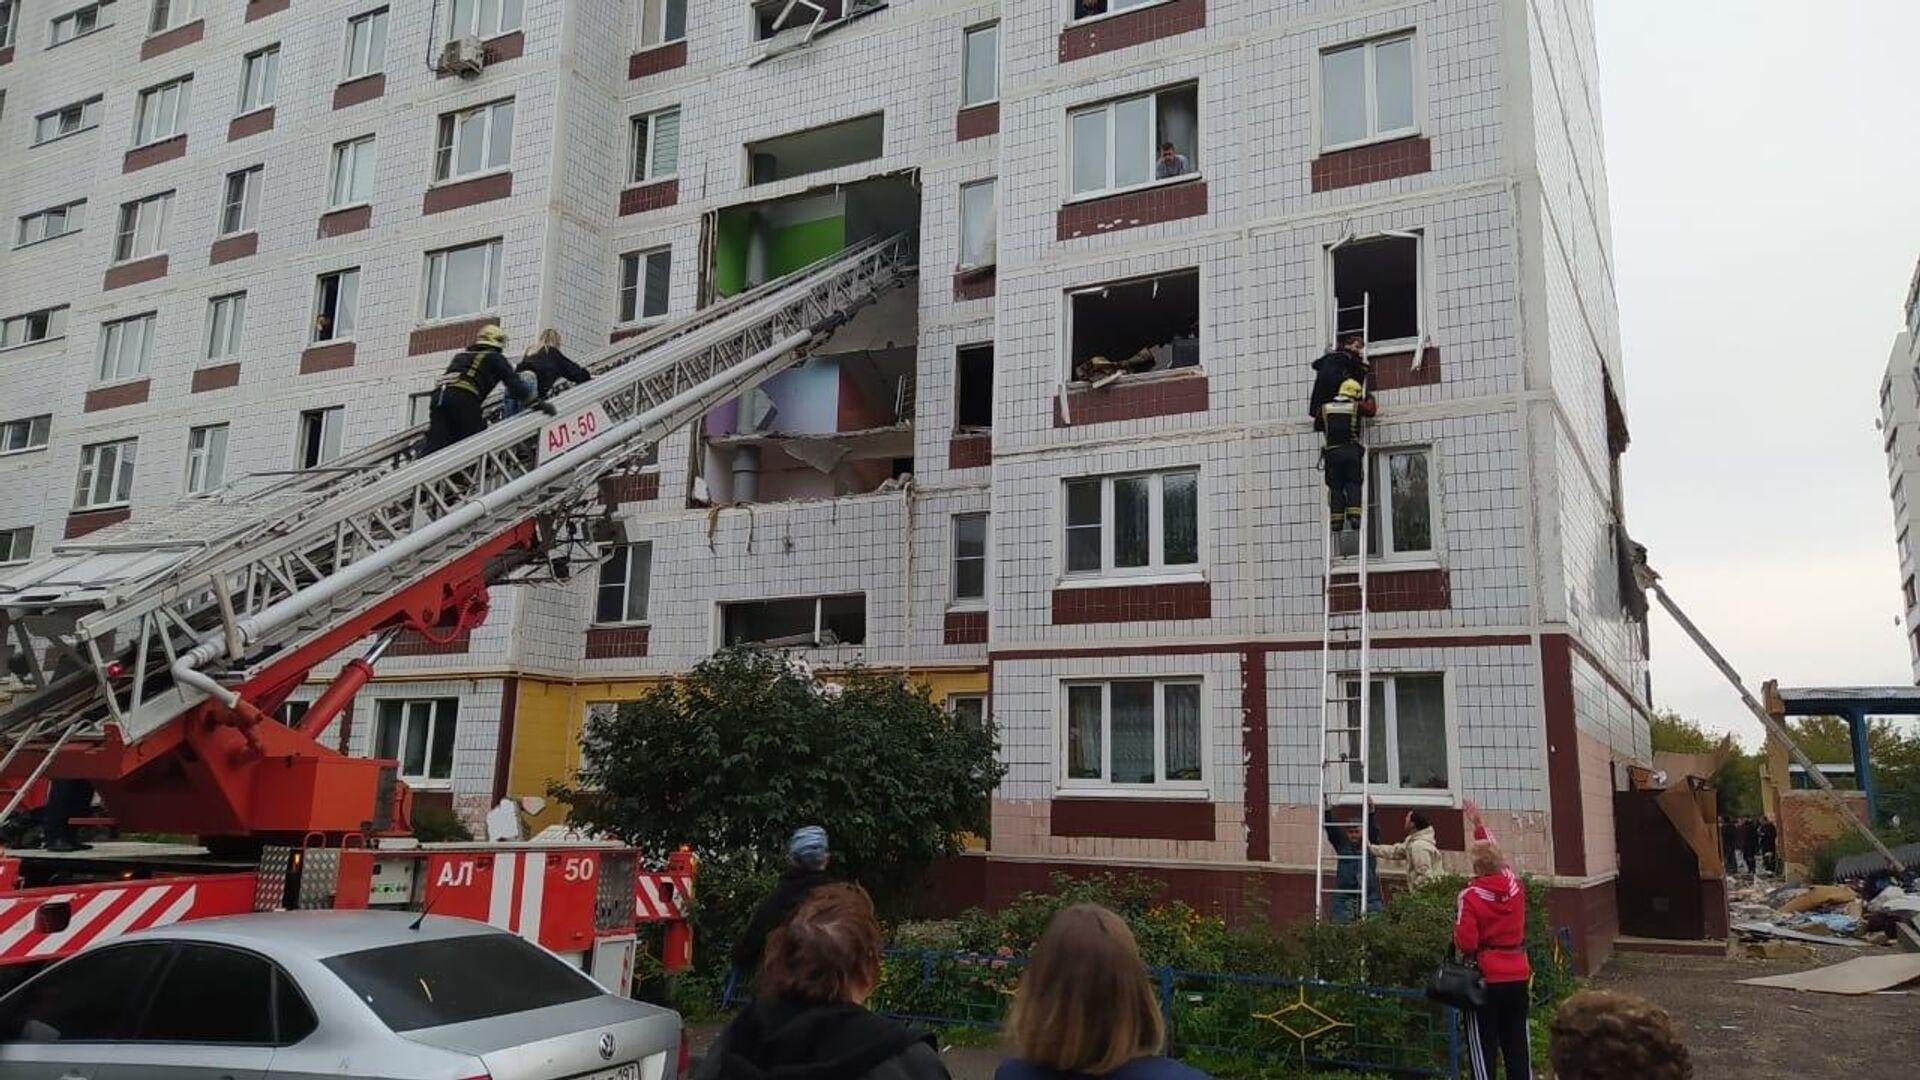 Многоквартирный жилой дом в Ногинске разрушенный в результате взрыва бытового газа - РИА Новости, 1920, 08.09.2021